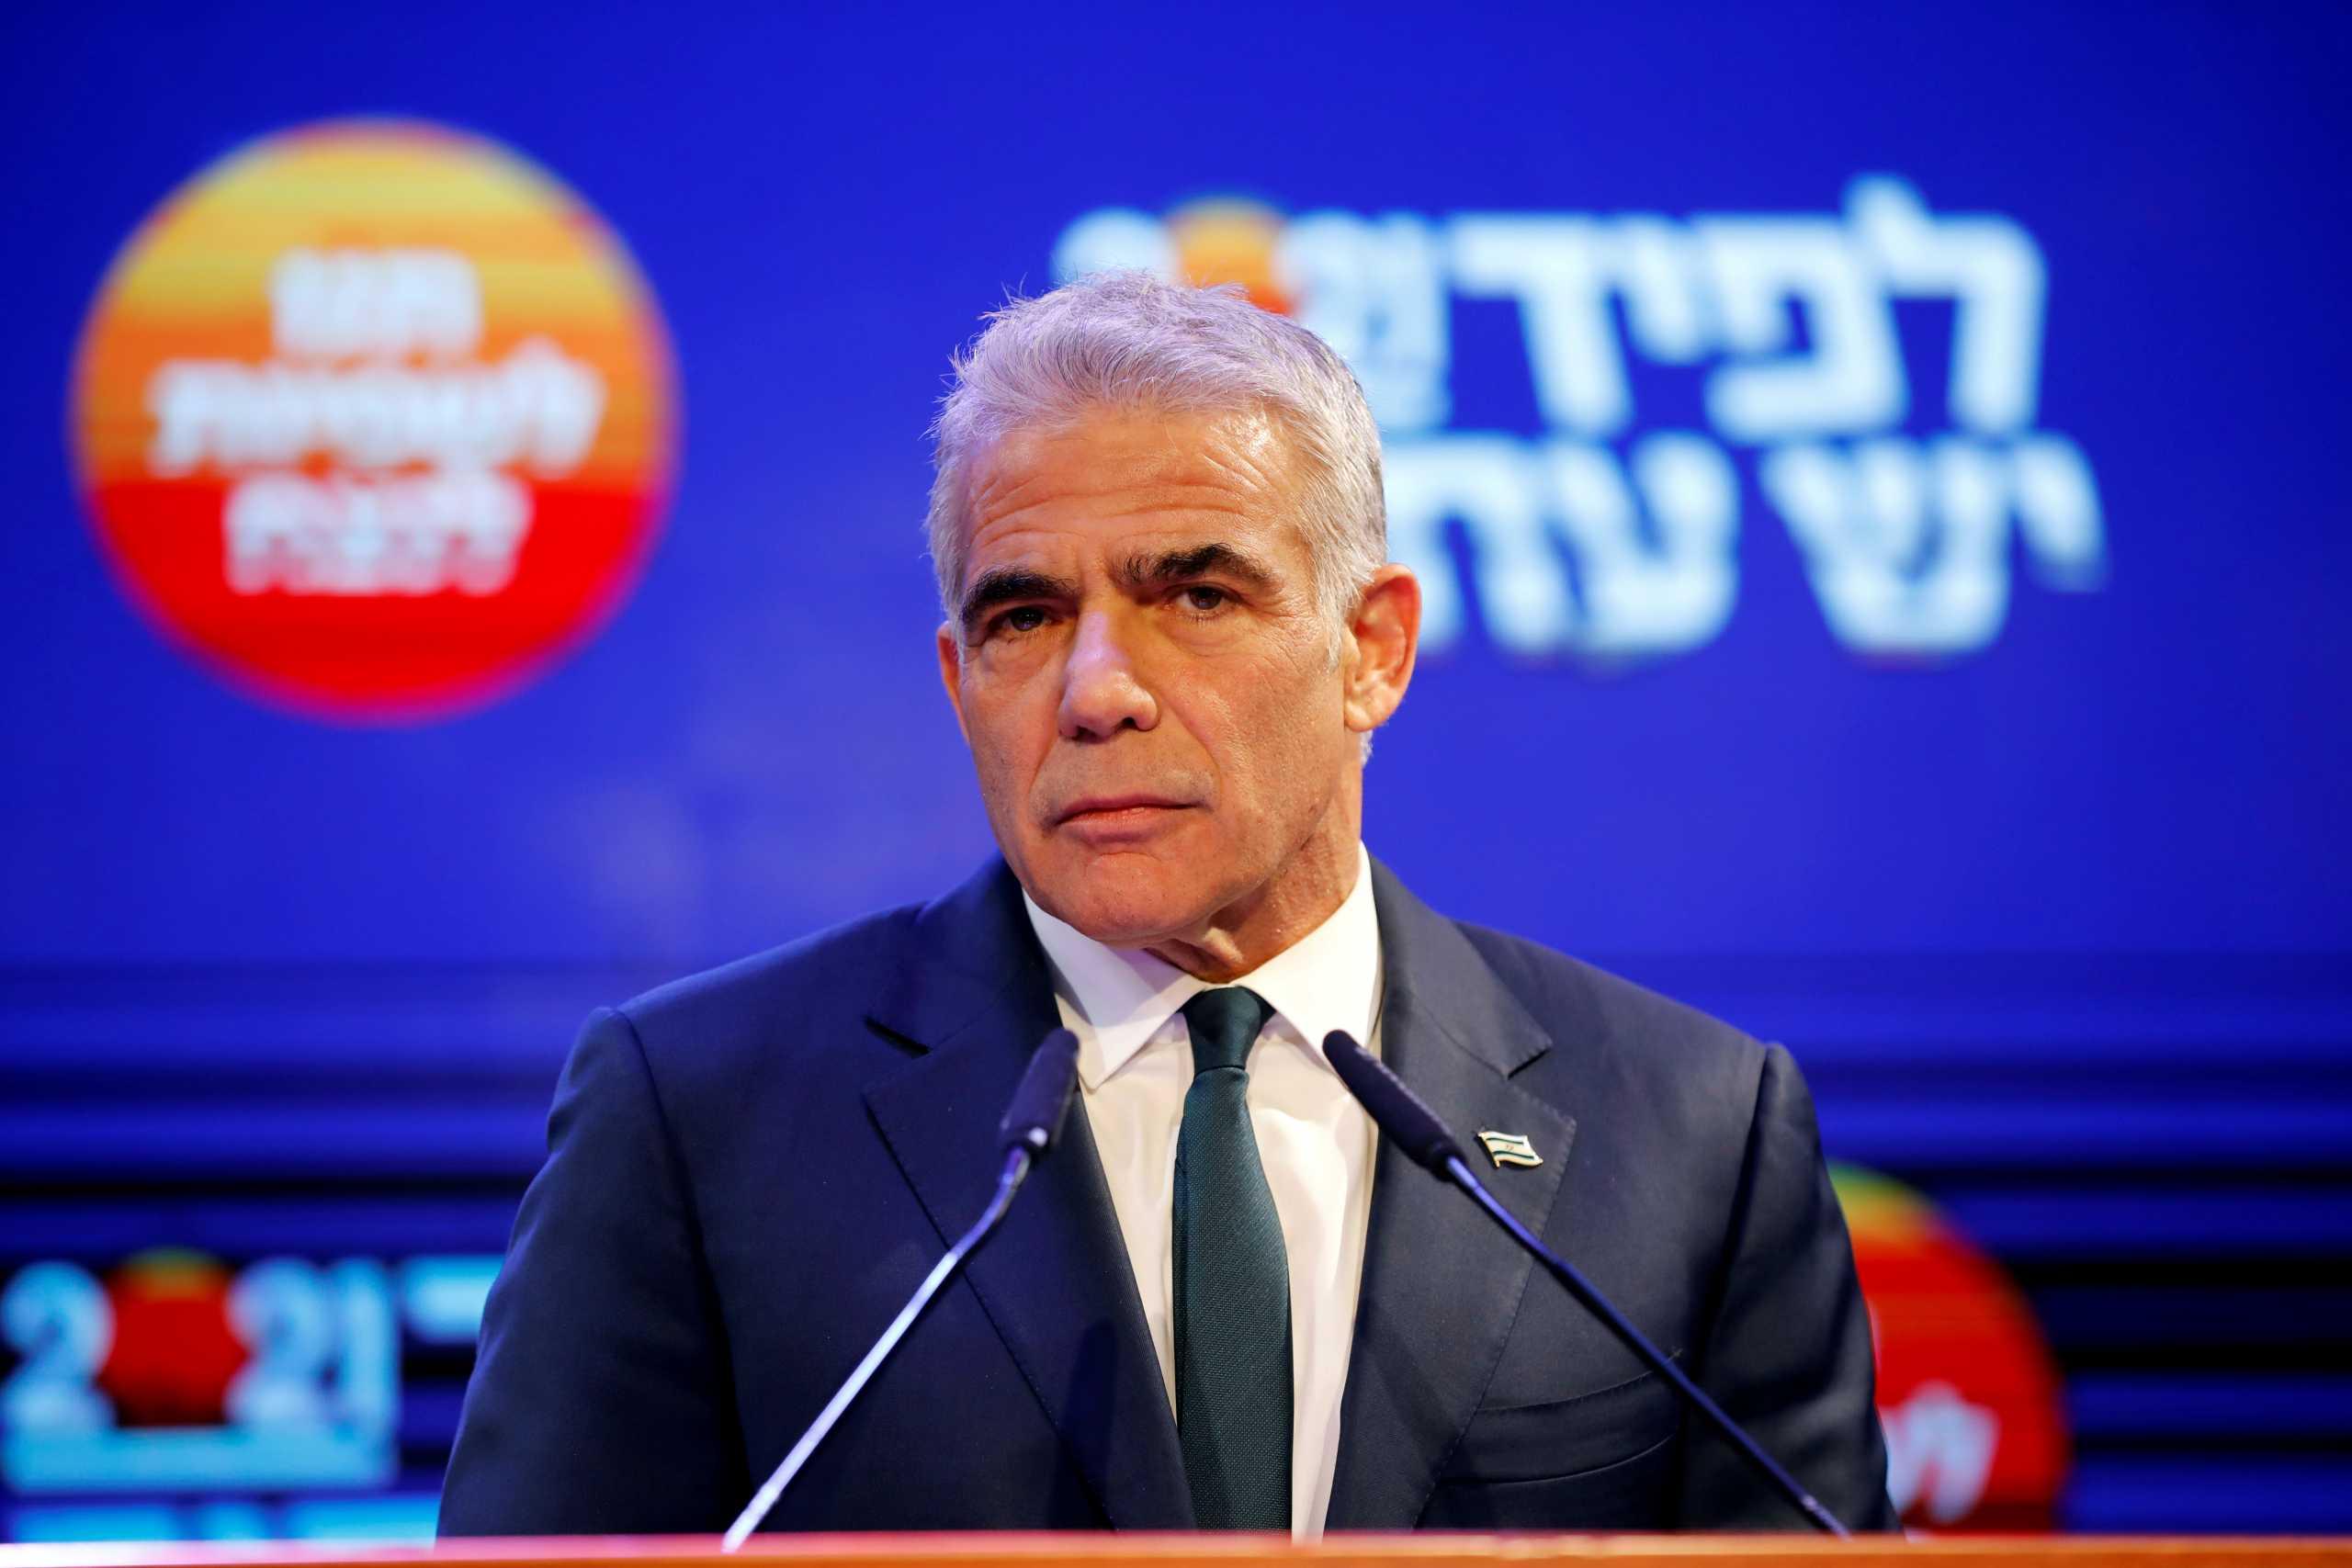 Ισραήλ: Ο Γιαΐρ Λαπίντ ανακοίνωσε πως συγκροτεί κυβέρνηση